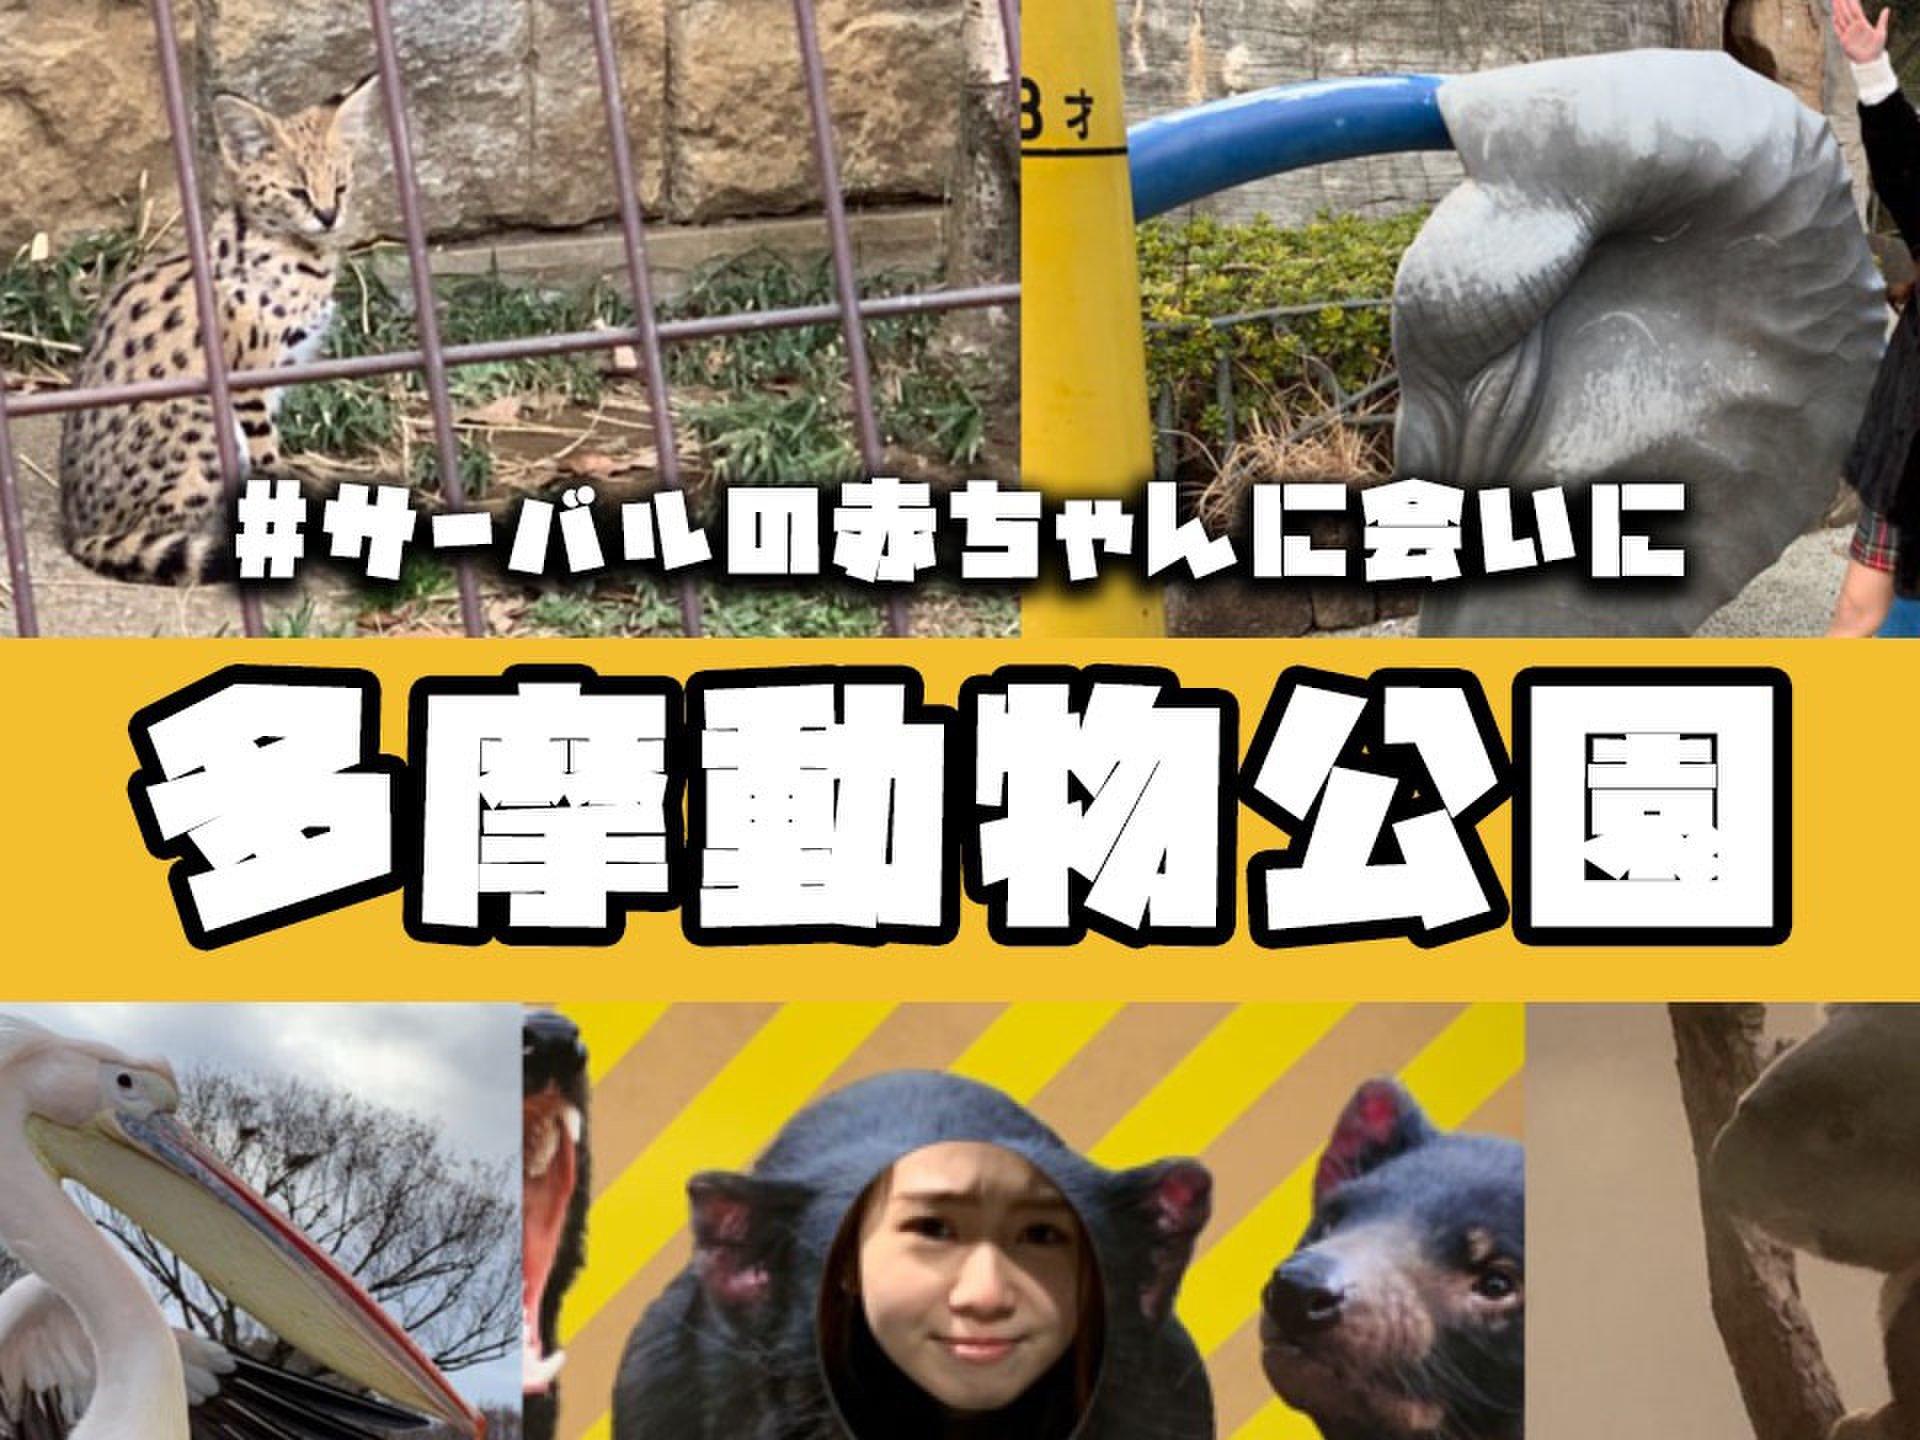 動物園での癒され休日がおすすめ♡激かわ!サーバルの赤ちゃんを「多摩動物公園」へ見に行こう♪